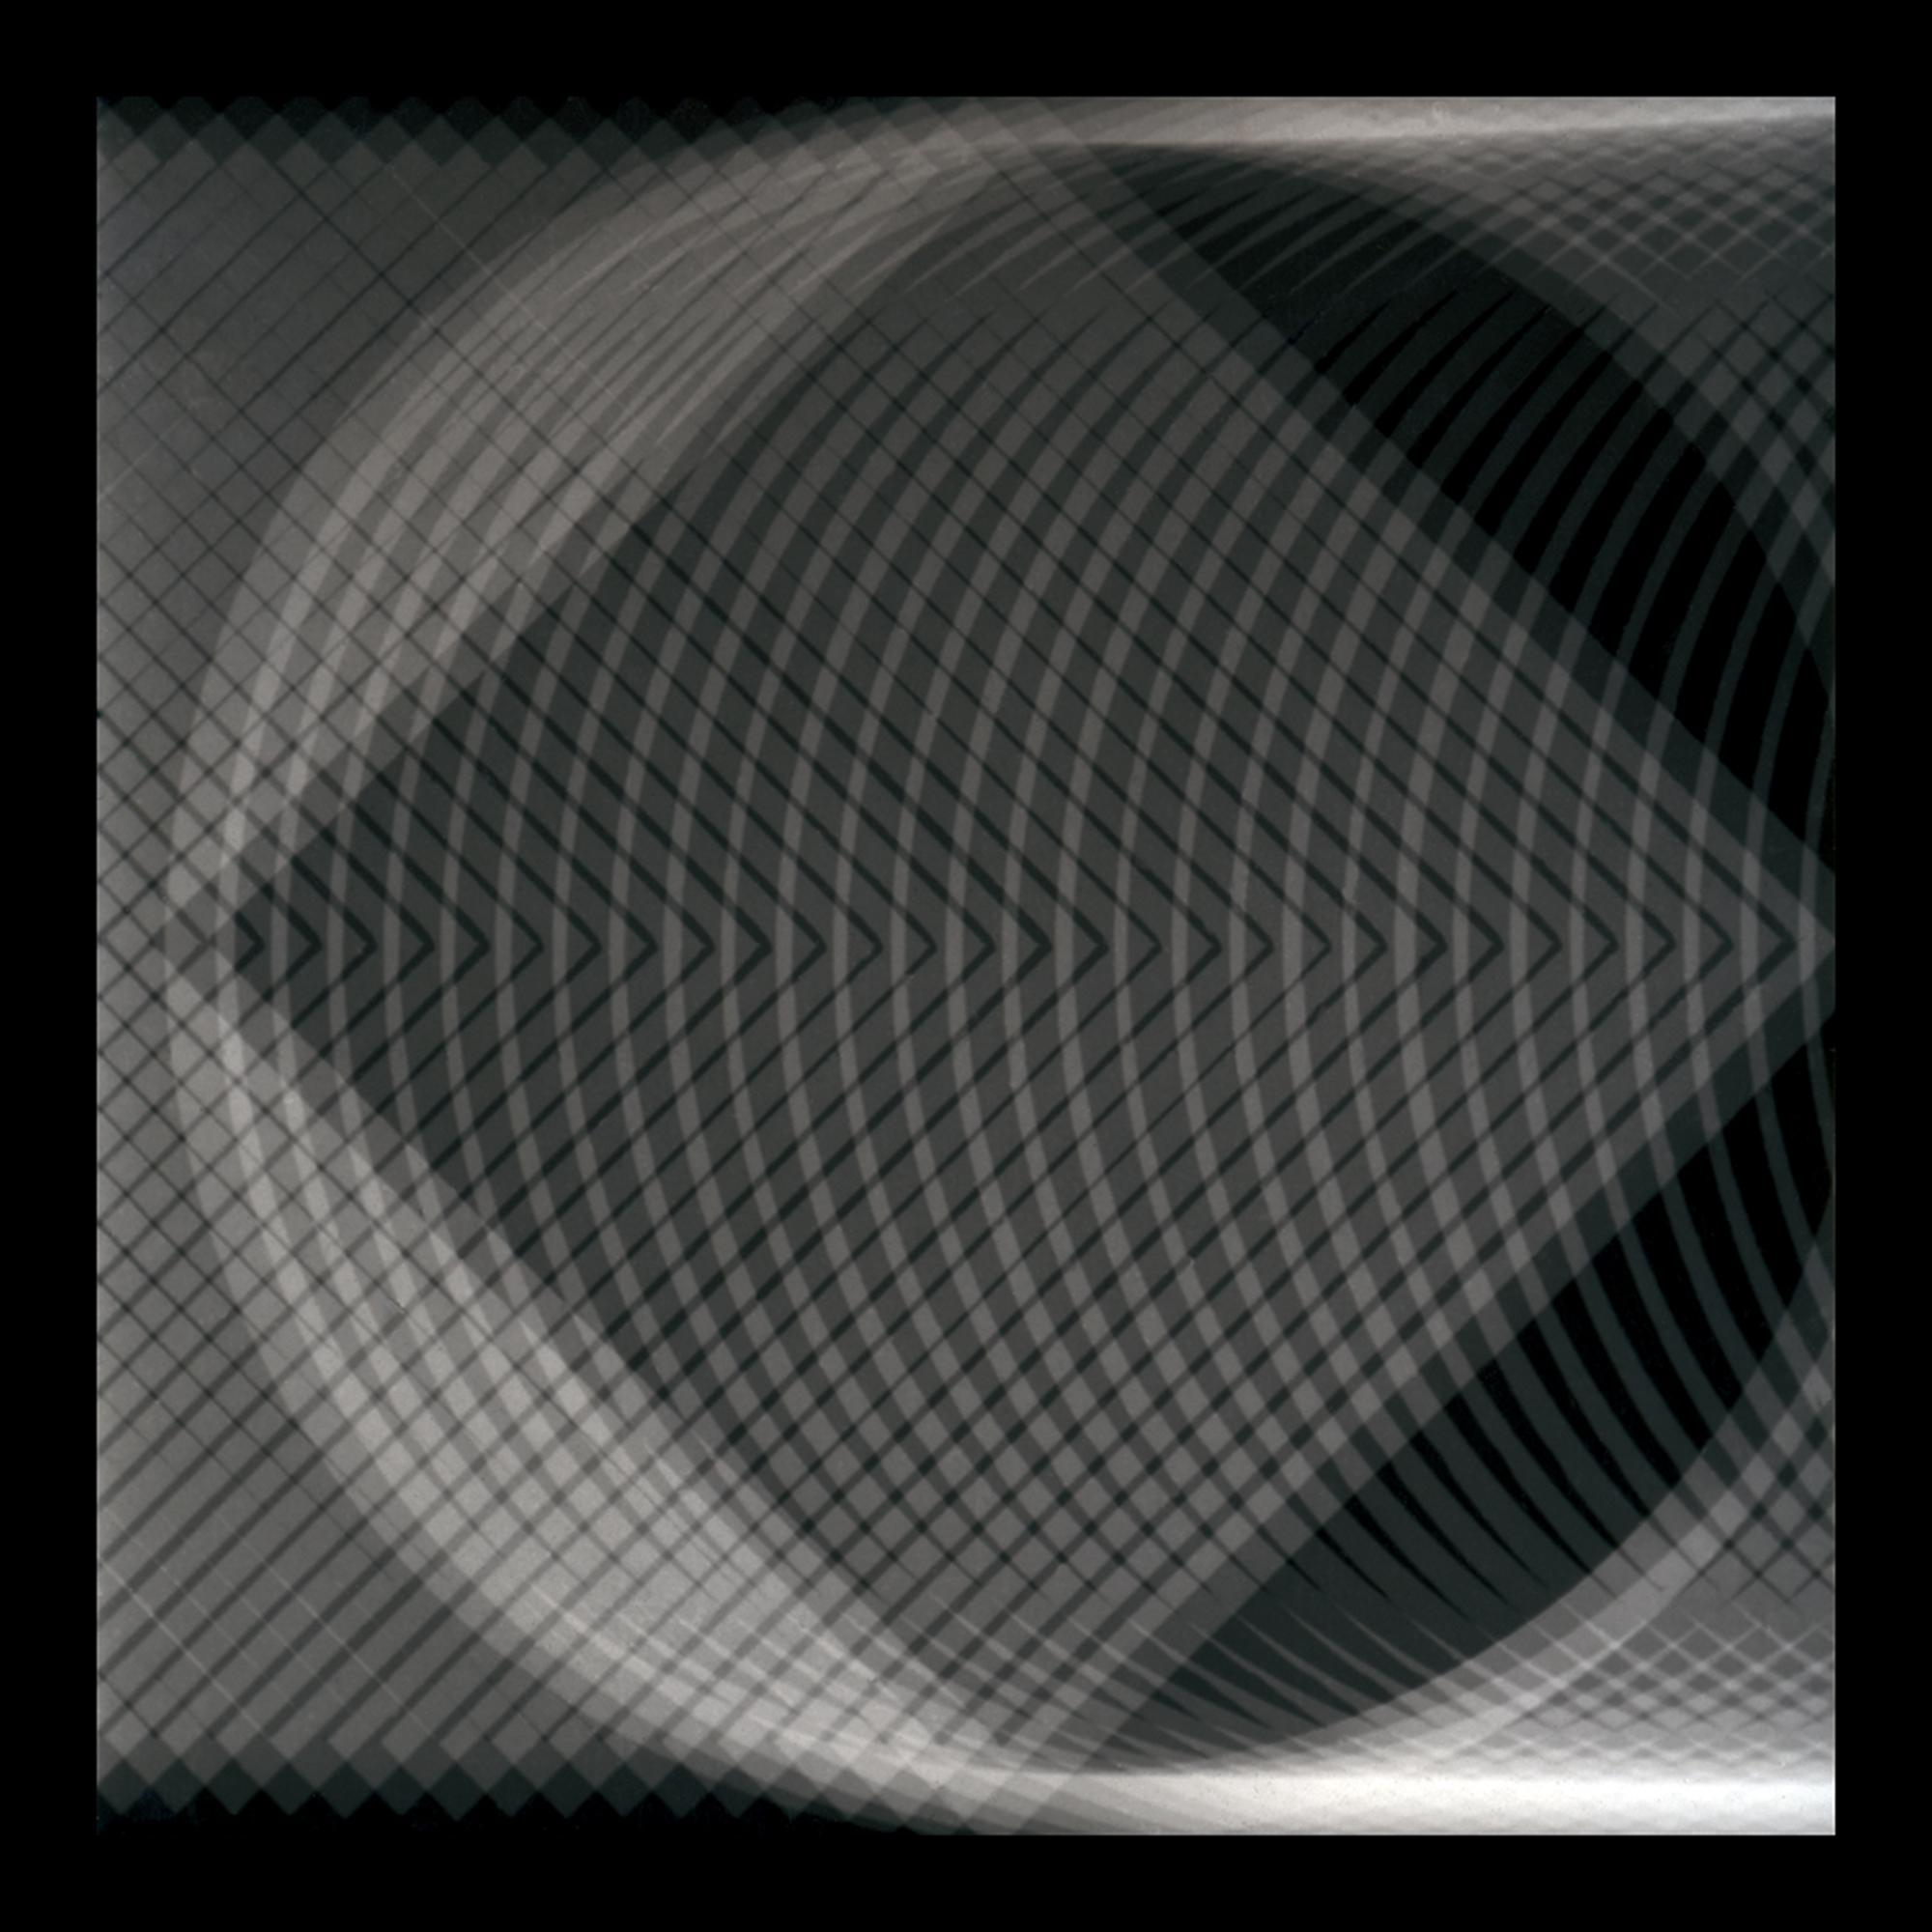 Antonio Barrese - Gruppo MID: Immagini sintetiche, 1965/1972